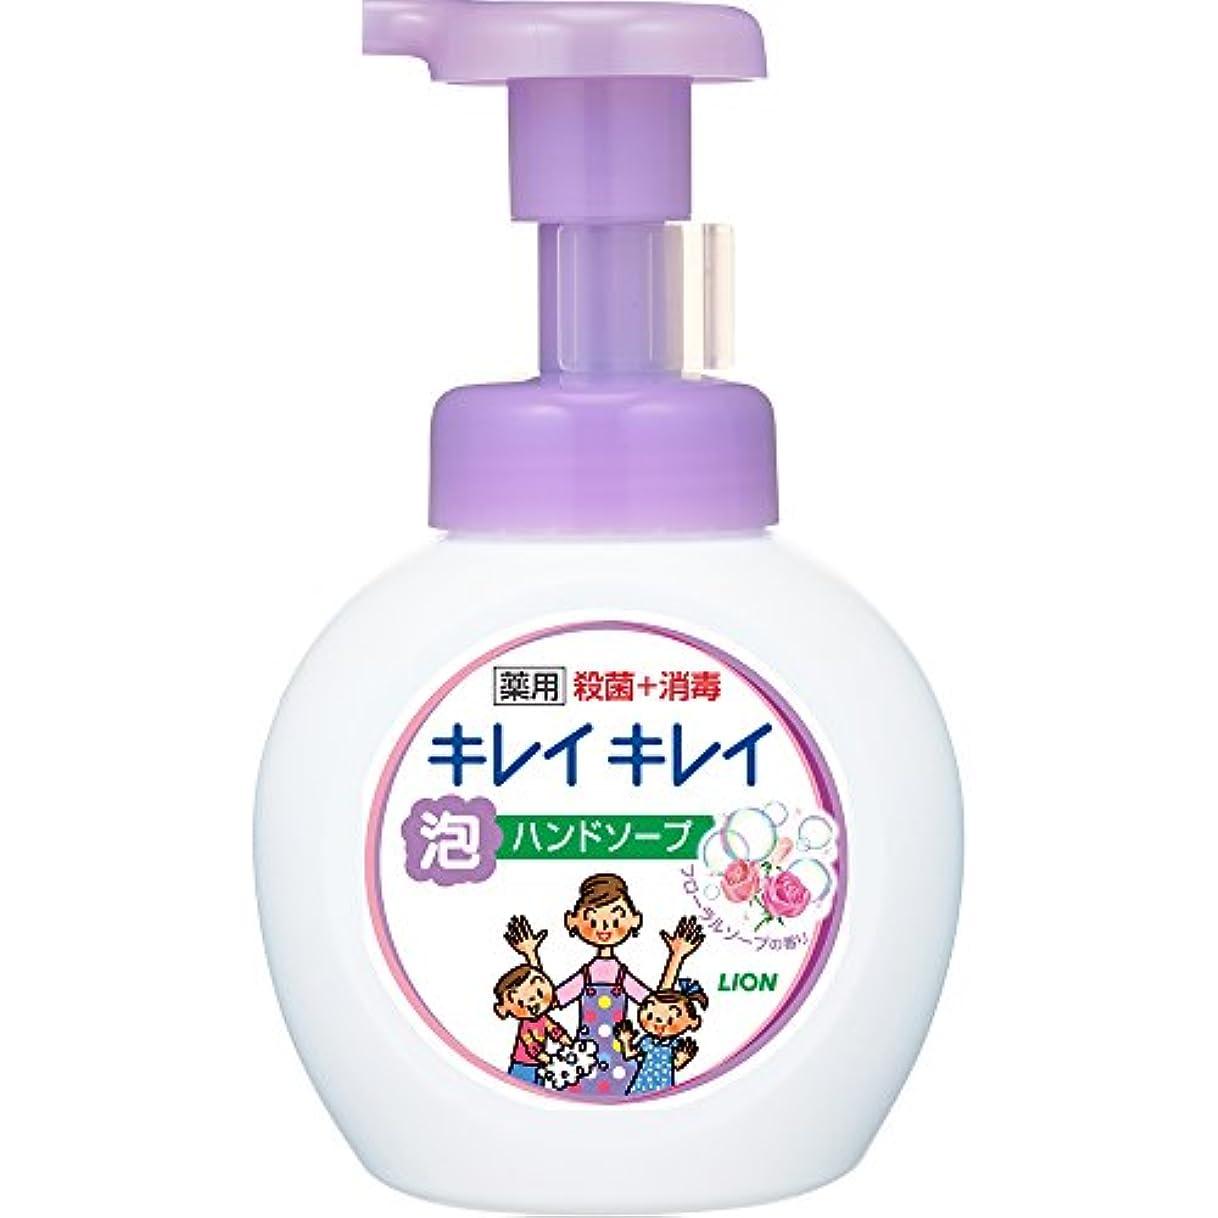 サッカーアクチュエータ持ってるキレイキレイ 薬用 泡ハンドソープ フローラルソープの香り 本体ポンプ 250ml(医薬部外品)